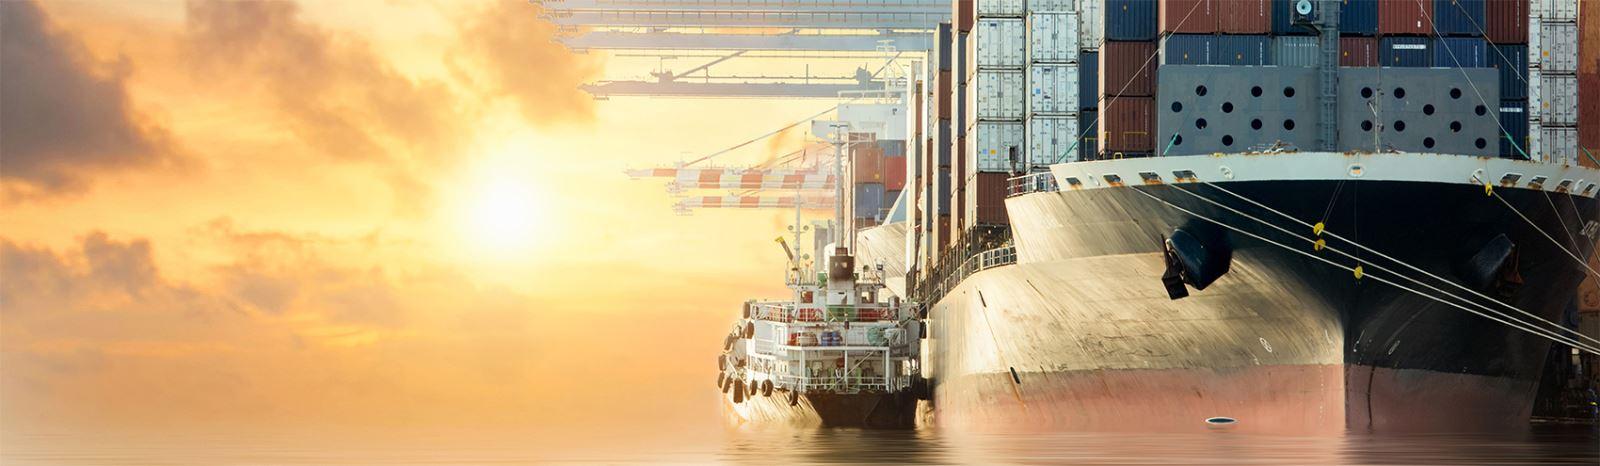 Dịch vụ vận chuyển hàng container bằng đường biển